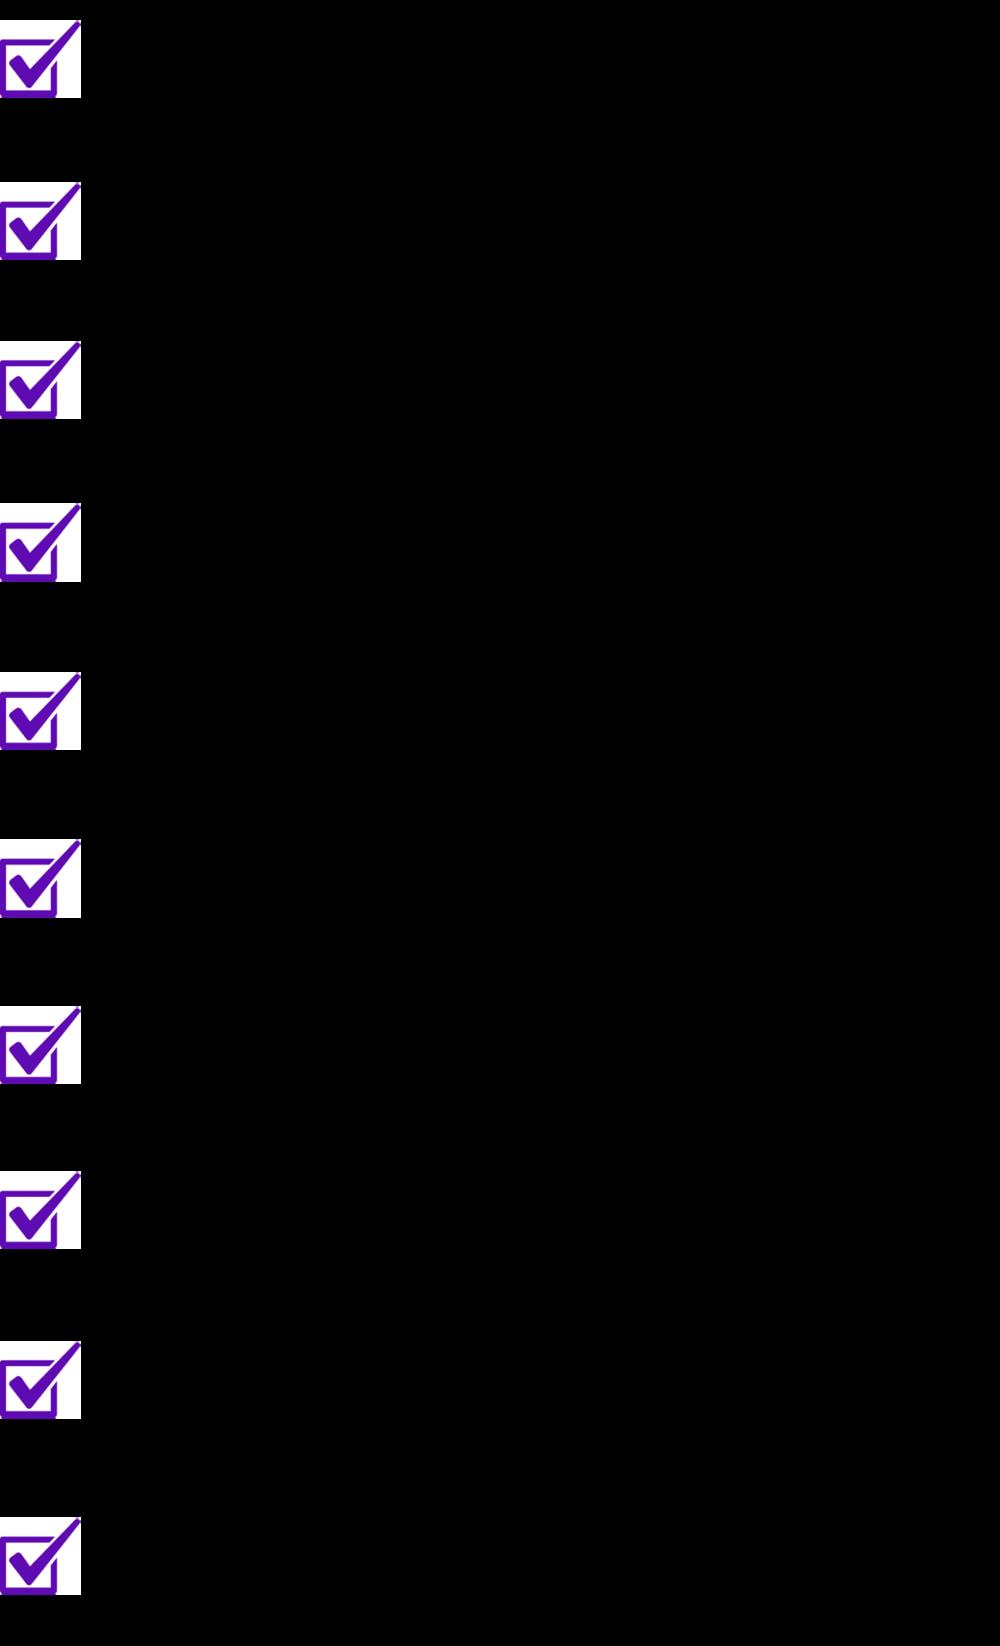 bullets 7 purple.png